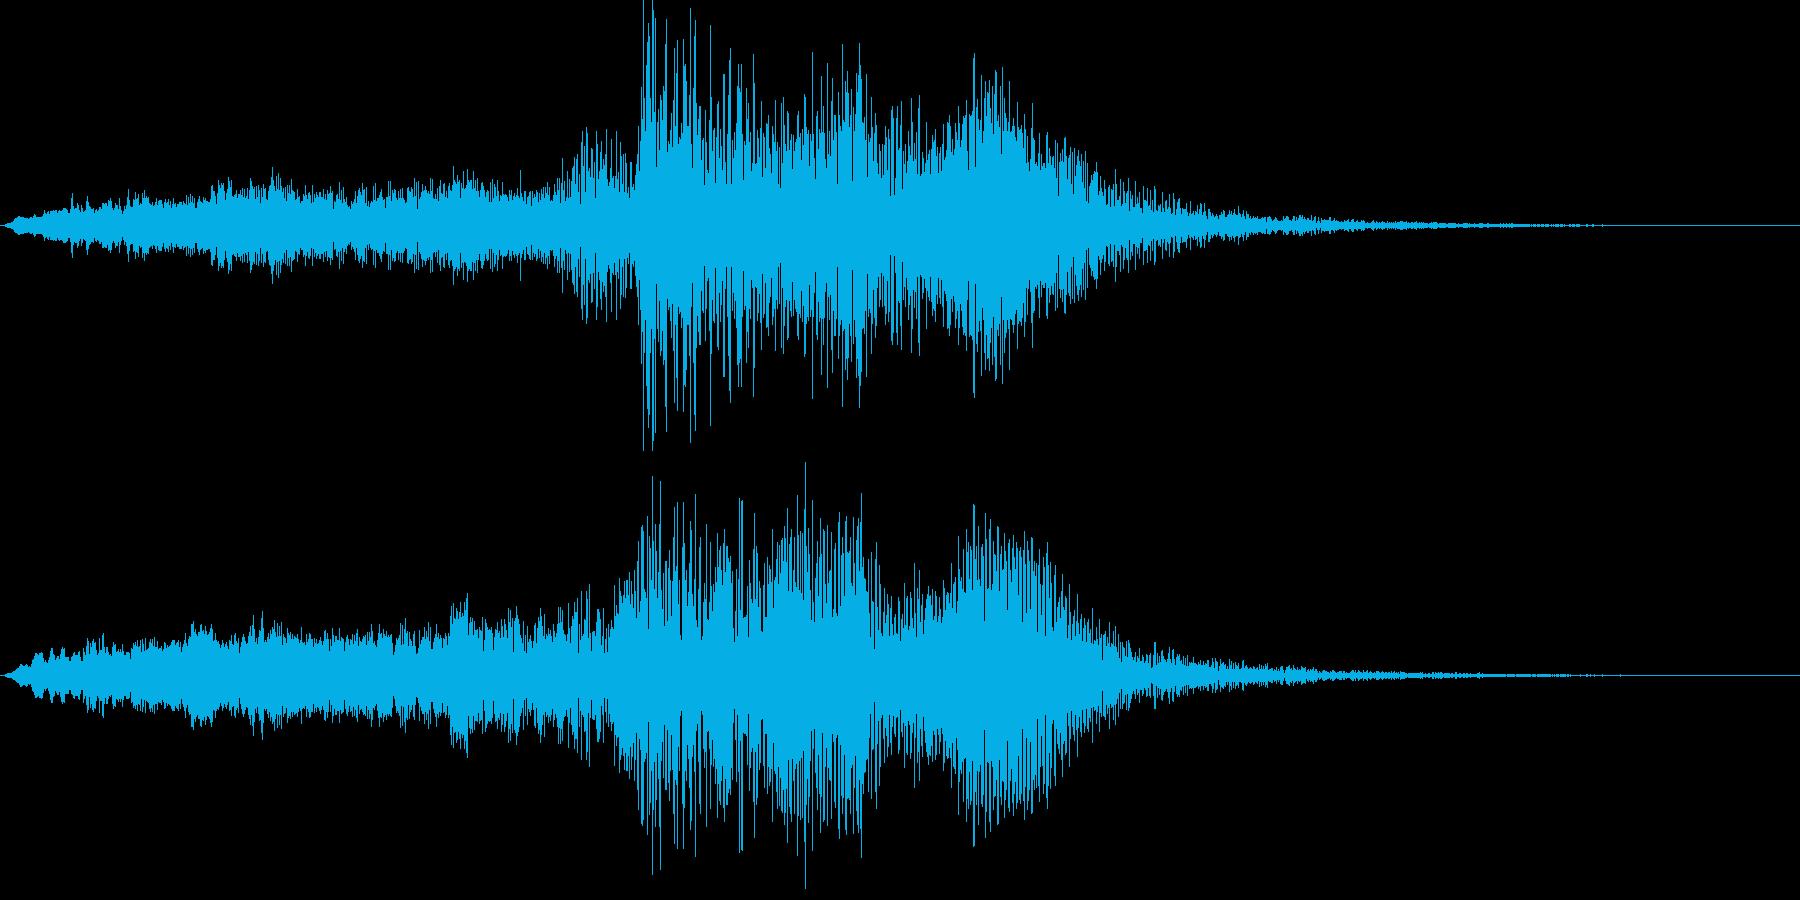 音楽ロゴ;弦楽器による劇的なオーケ...の再生済みの波形